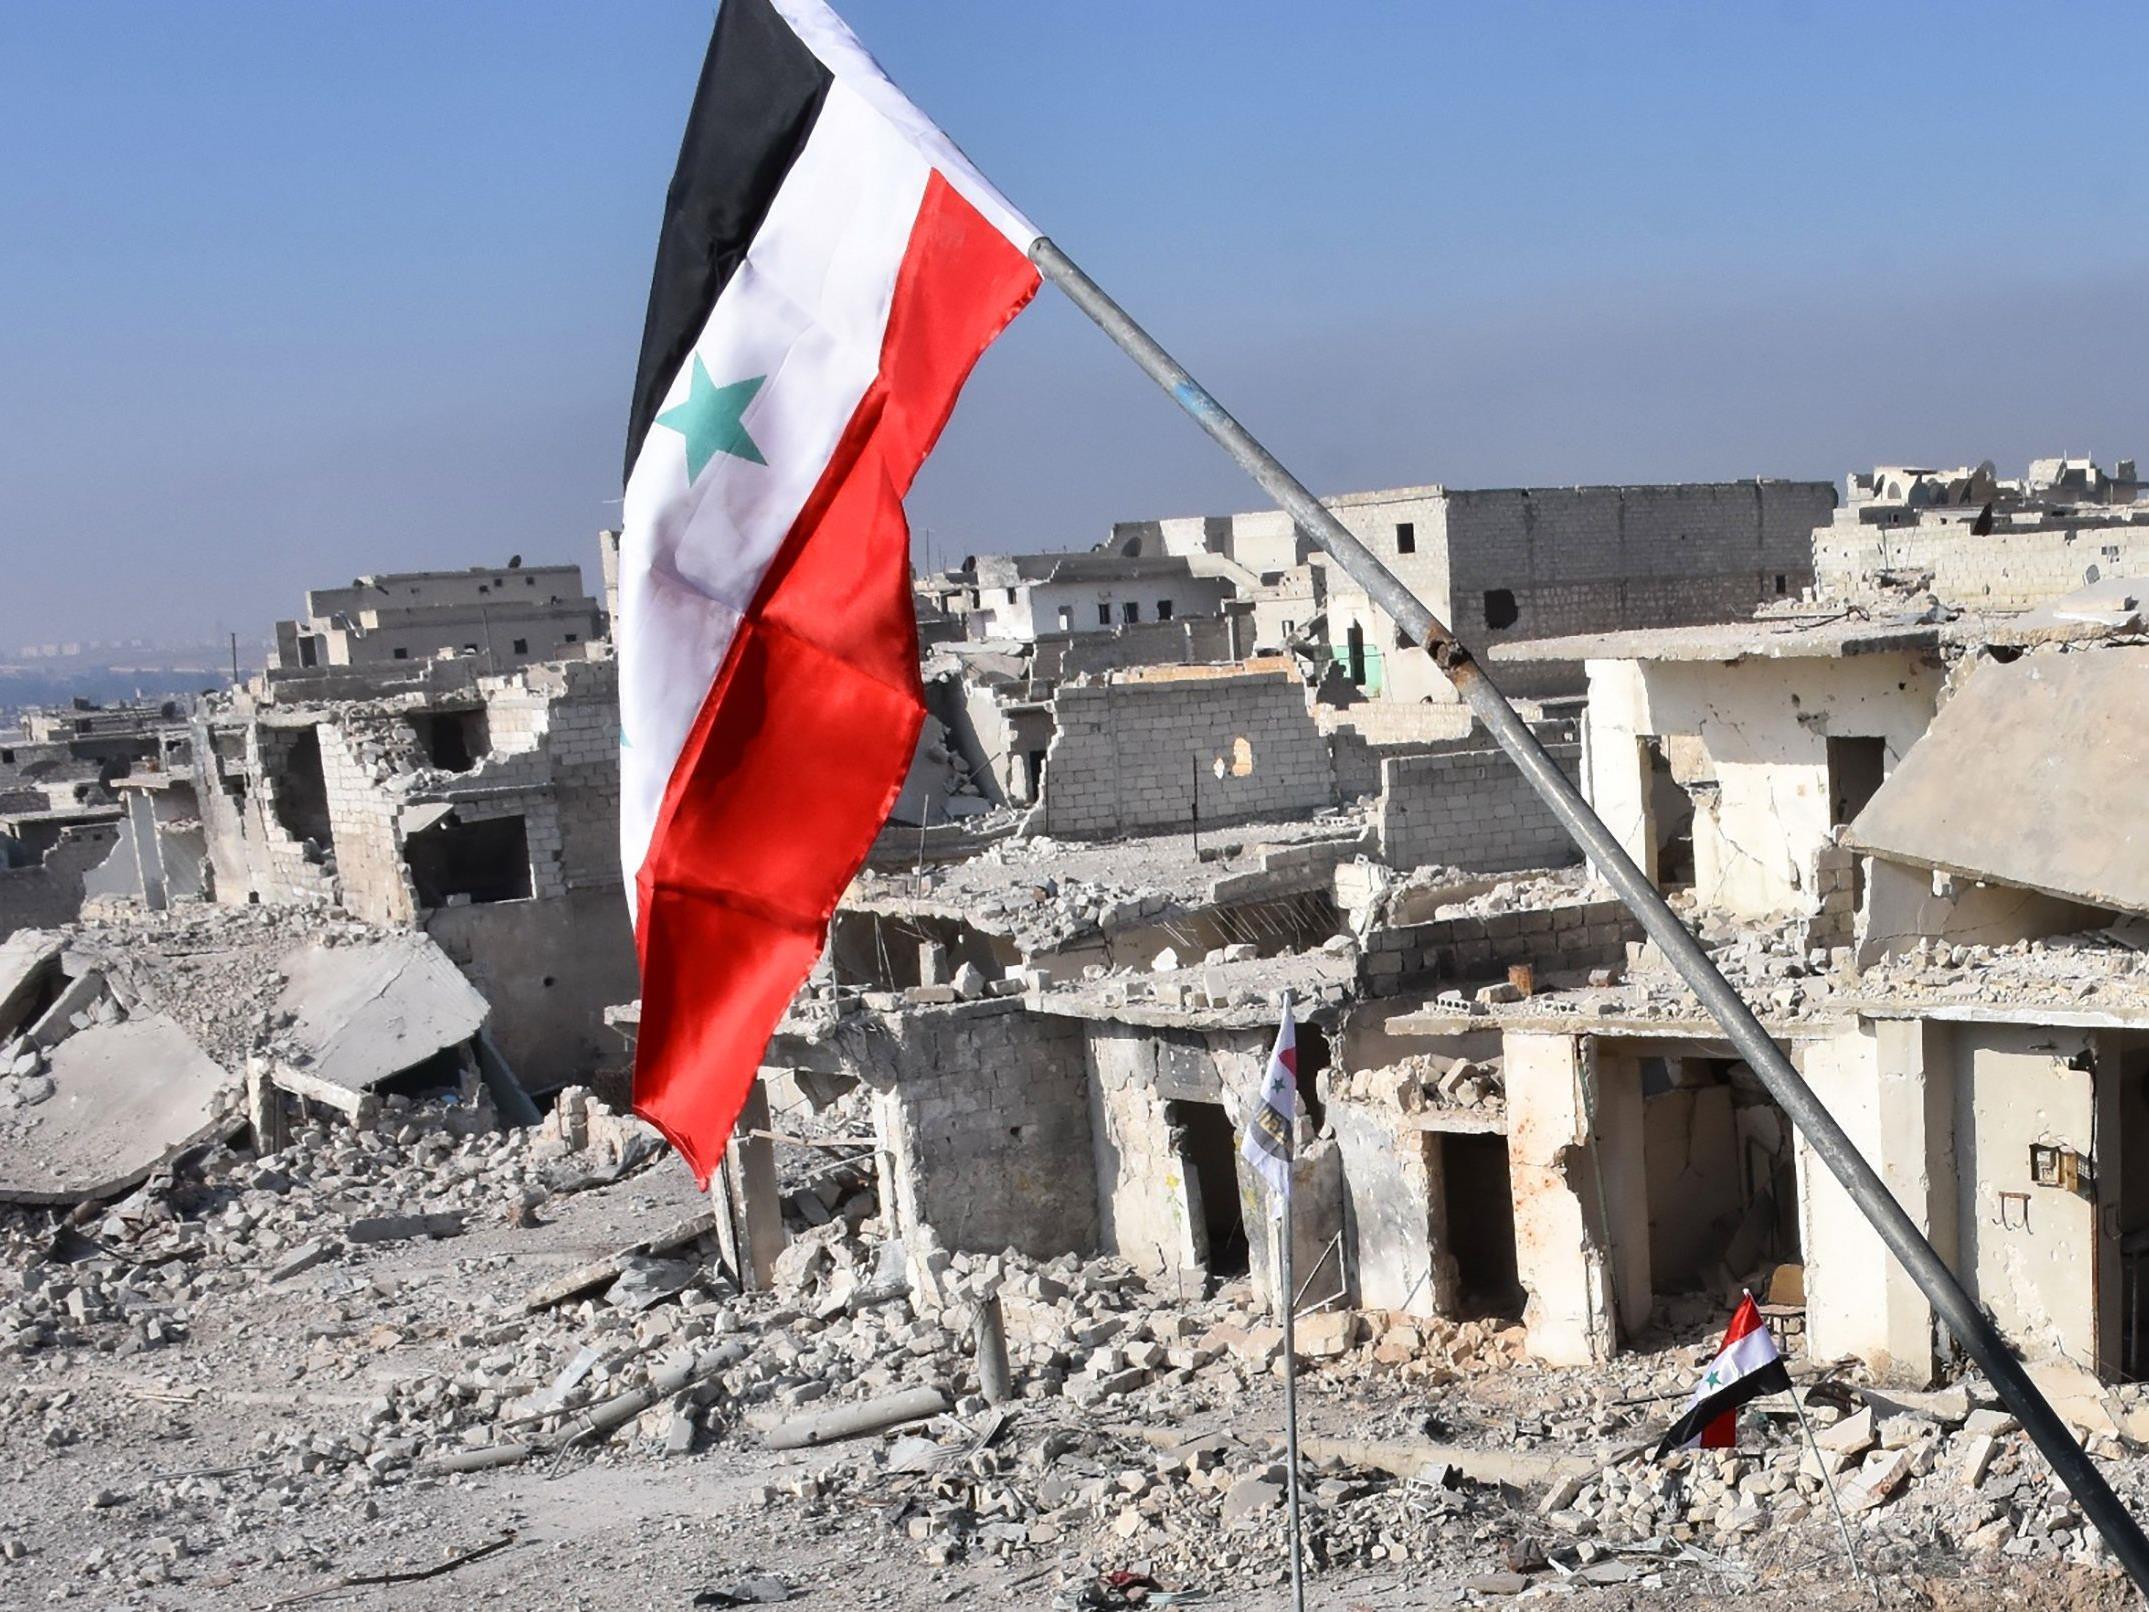 Laut Angabe von syrischen Quellen steht die Schlacht um Aleppo offensichtlich kurz vor dem Ende.